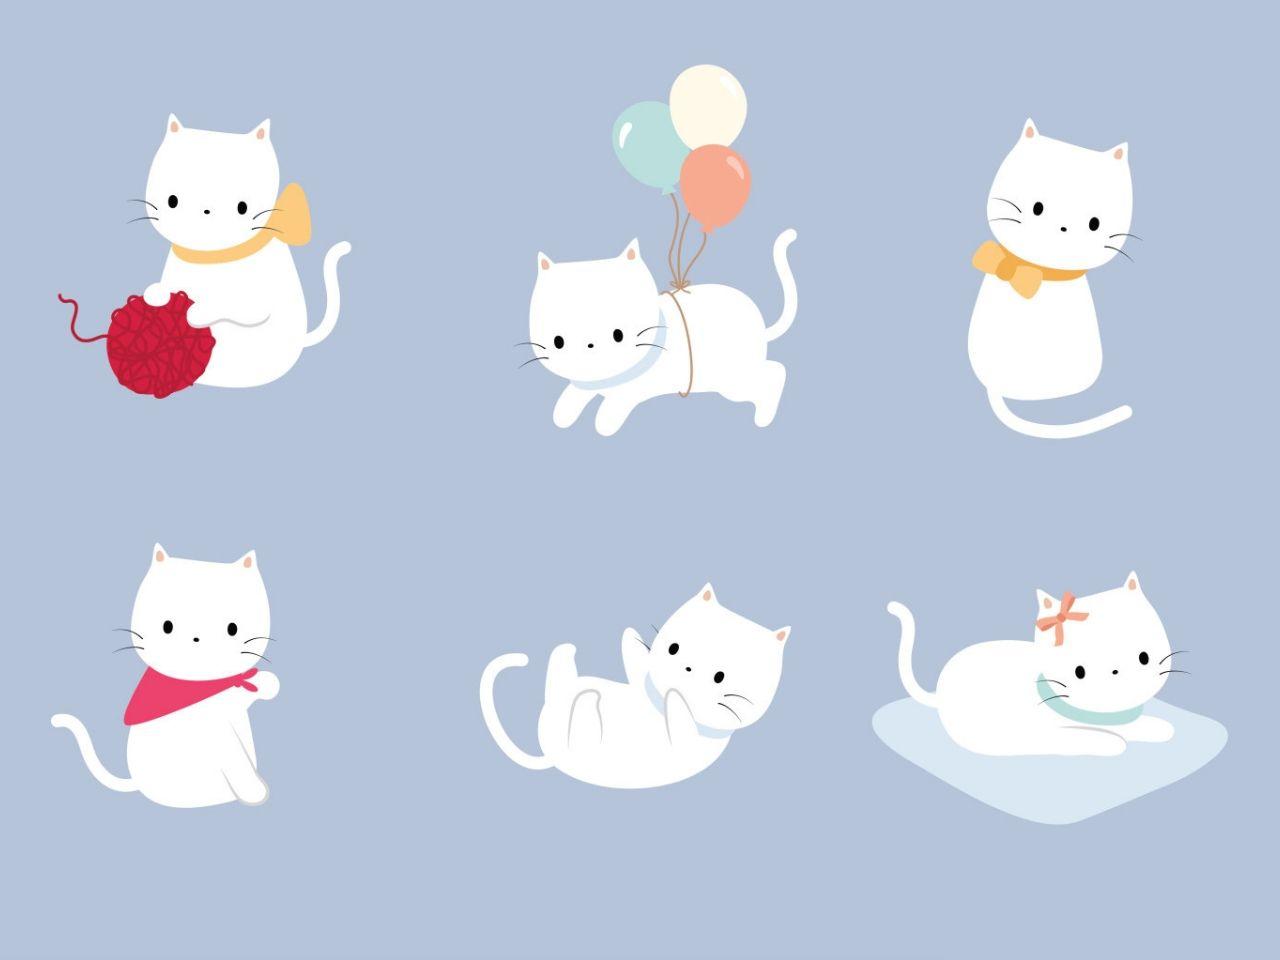 kartun kucing putih